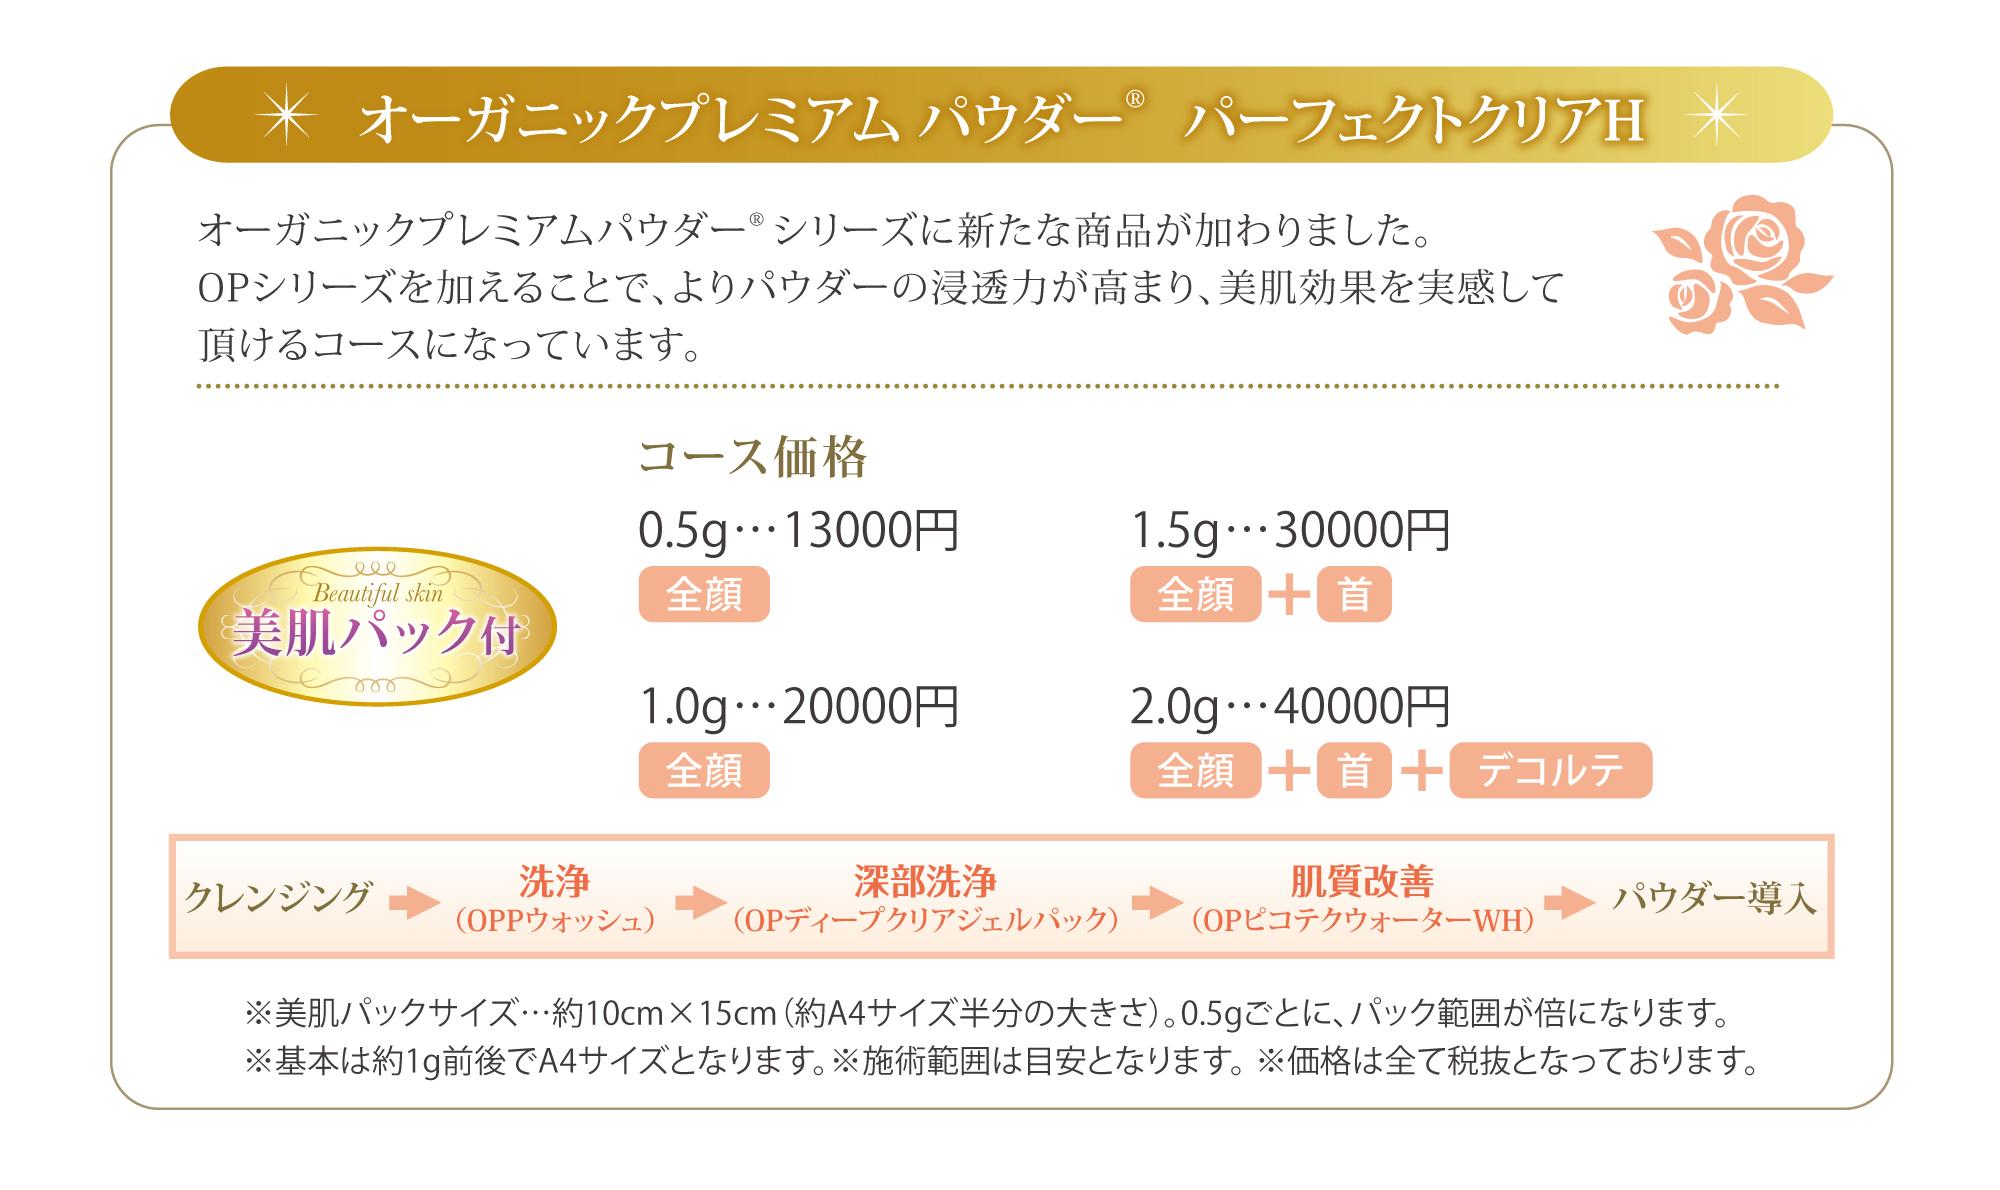 オーガニックプレミアムパウダー 価格